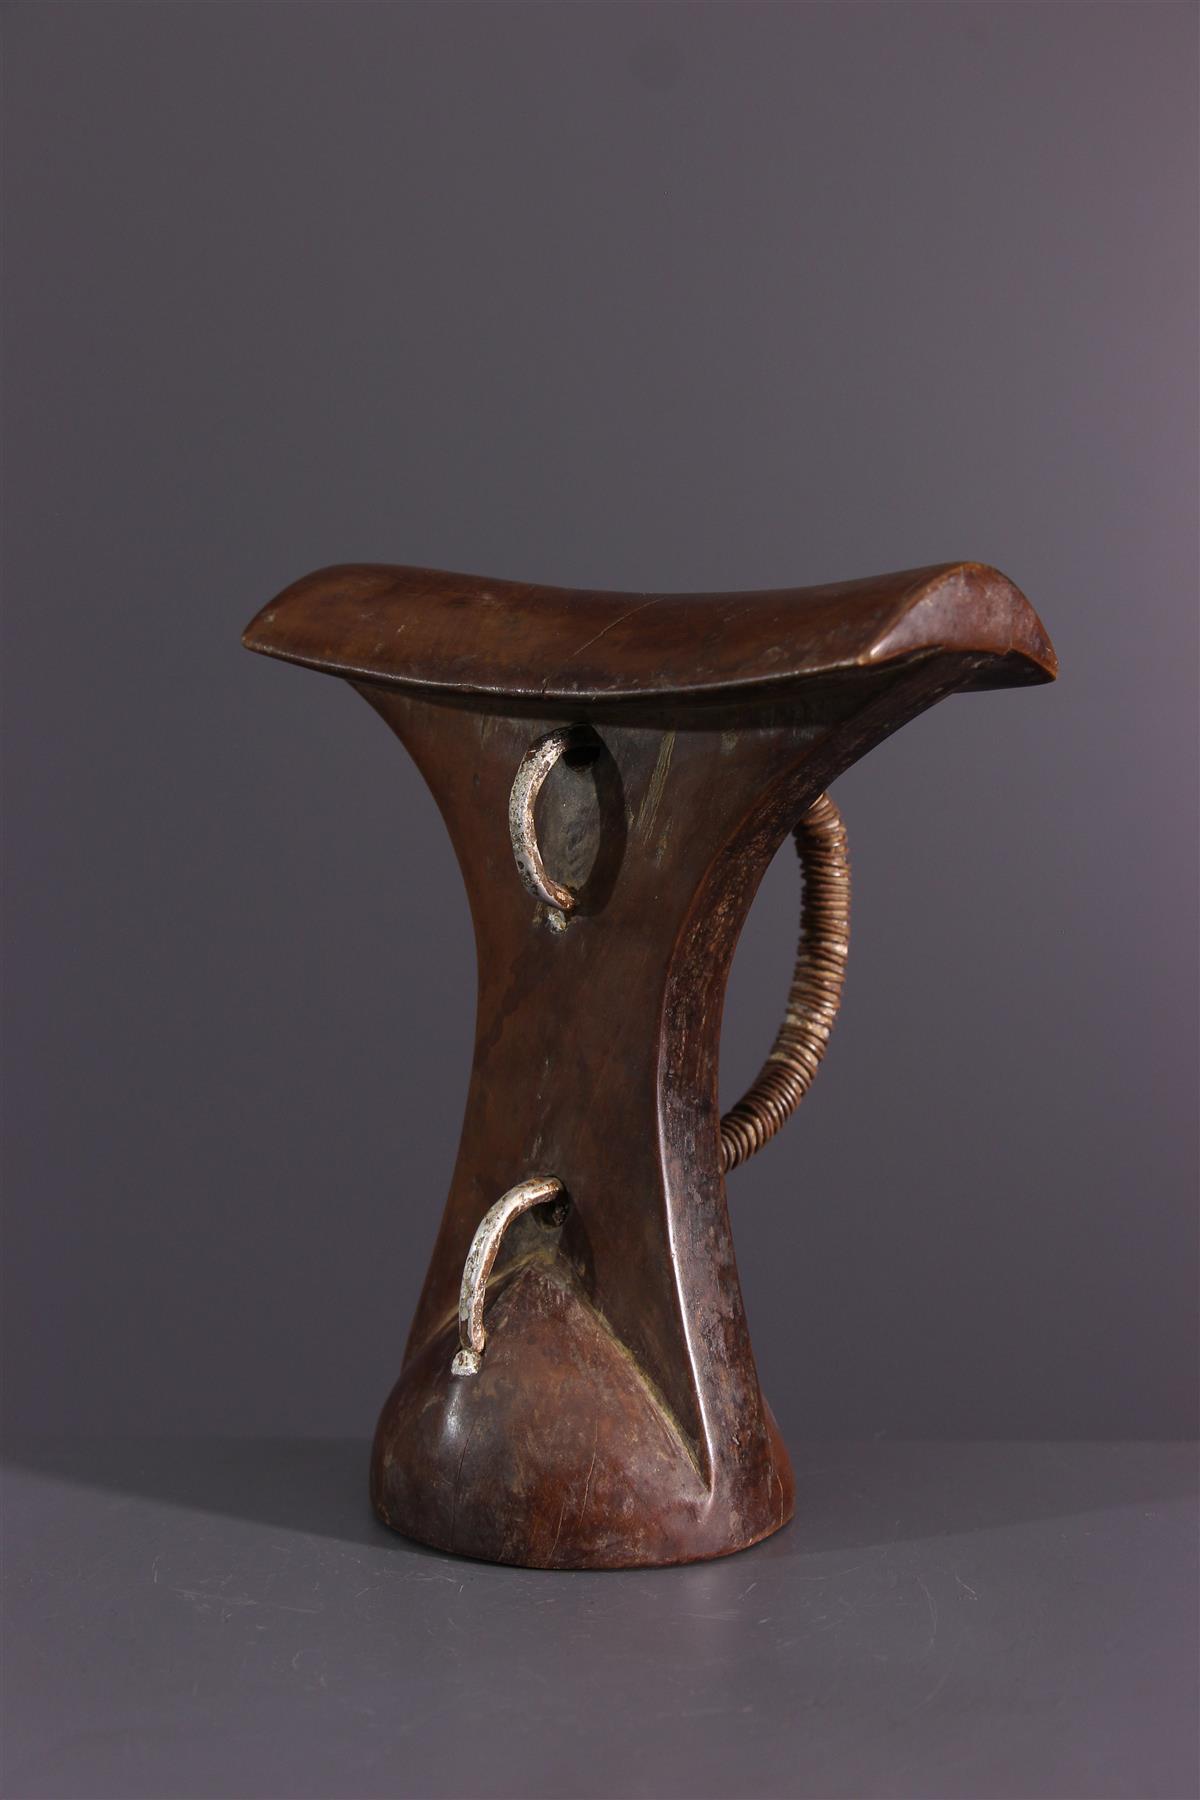 Turkana neck support - African art